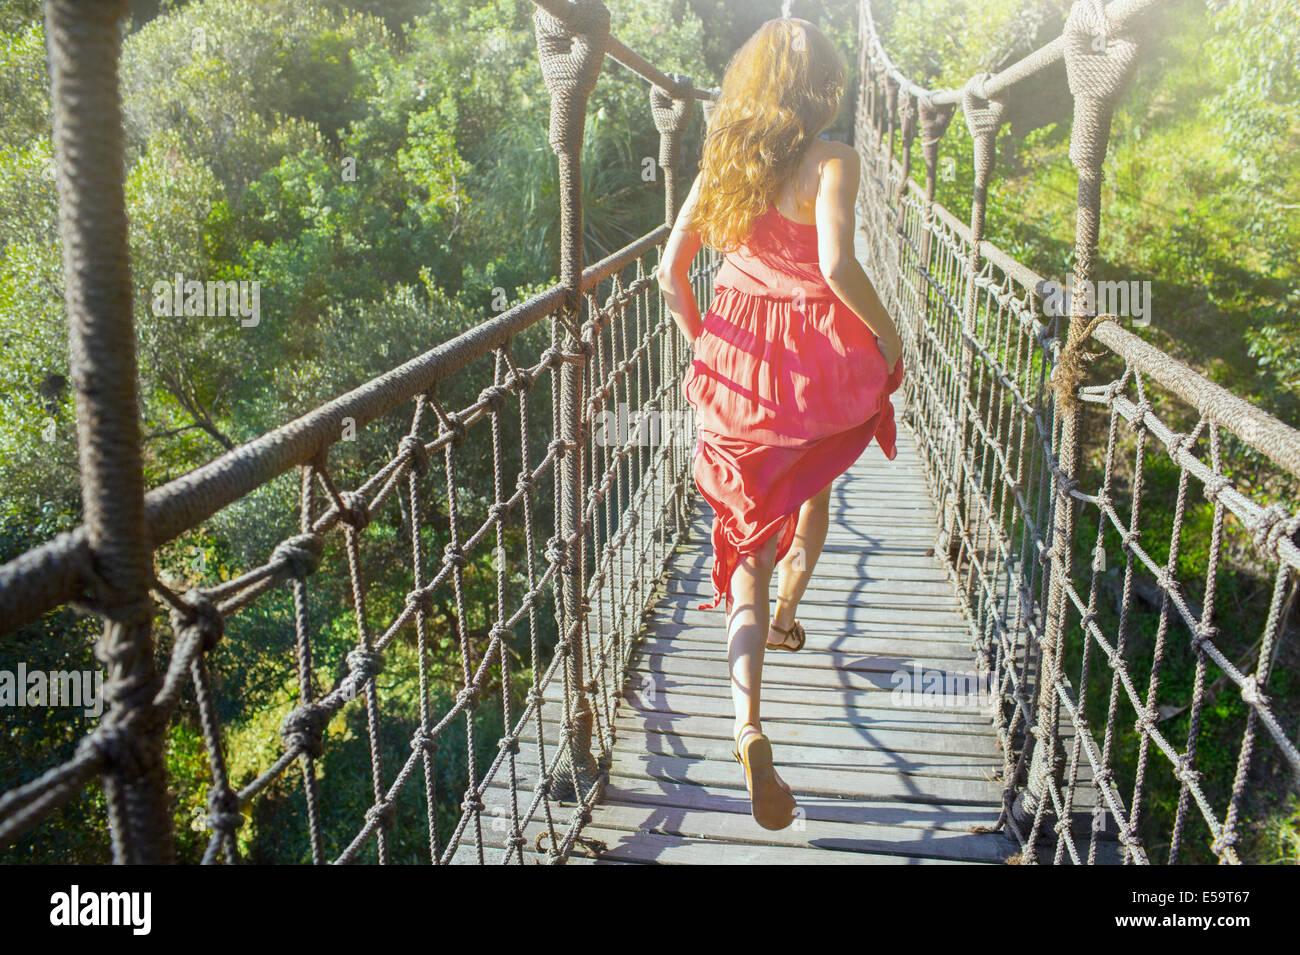 Frau zu Fuß auf hölzerne Hängebrücke Stockbild